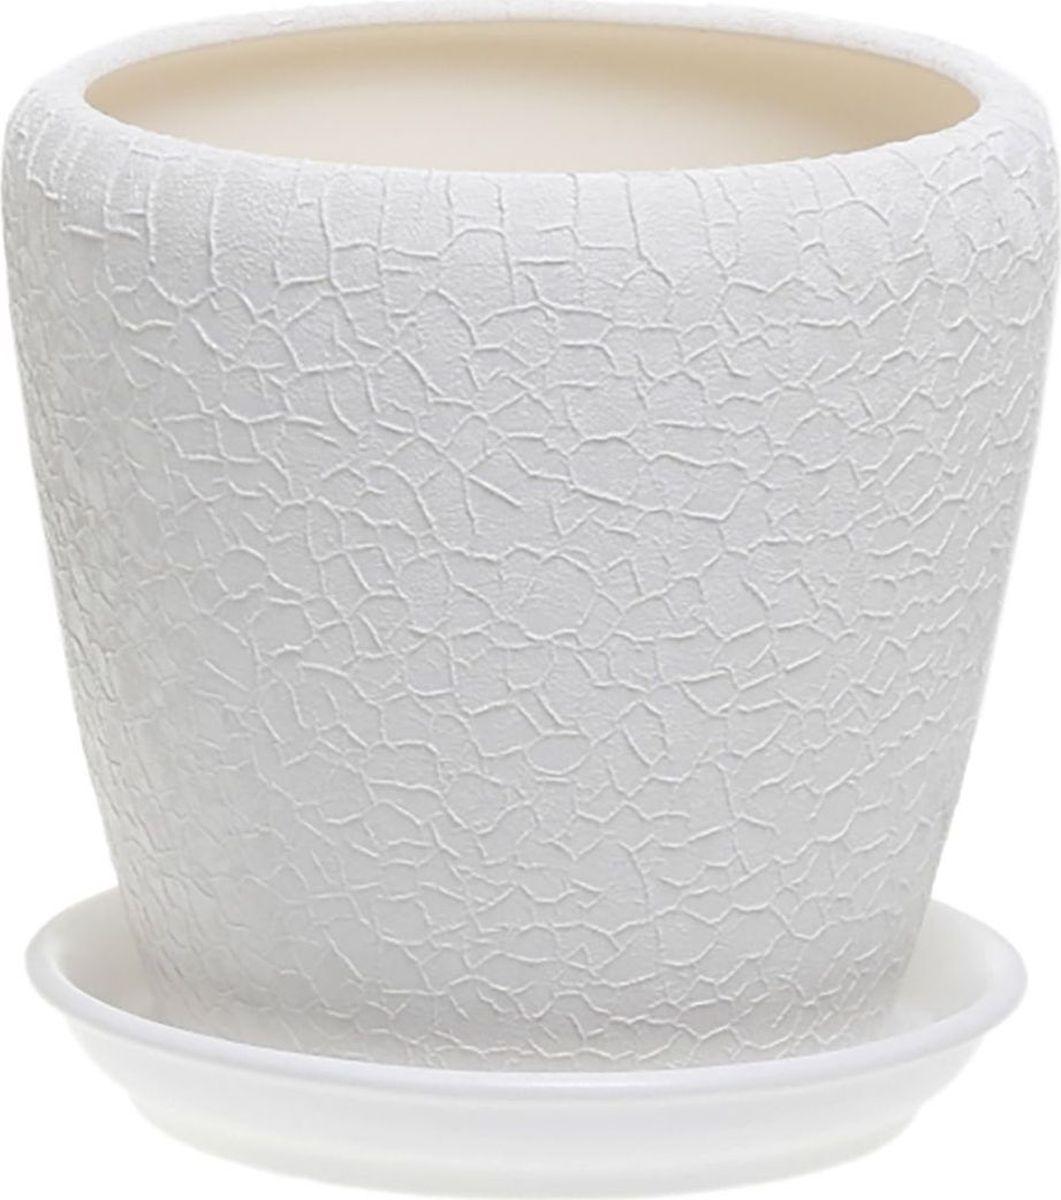 Кашпо Керамика ручной работы Грация, цвет: белый, 2,3 л1158454Комнатные растения - всеобщие любимцы. Они радуют глаз, насыщают помещение кислородом и украшают пространство. Каждому из них необходим свой удобный и красивый дом. Кашпо Грация из керамики прекрасно подходят для высадки растений: пористый материал позволяет испаряться лишней влаге, а воздух, необходимый для дыхания корней, проникает сквозь керамические стенки.Кашпо Грация позаботится о зеленом питомце, освежит интерьер и подчеркнет его стиль.